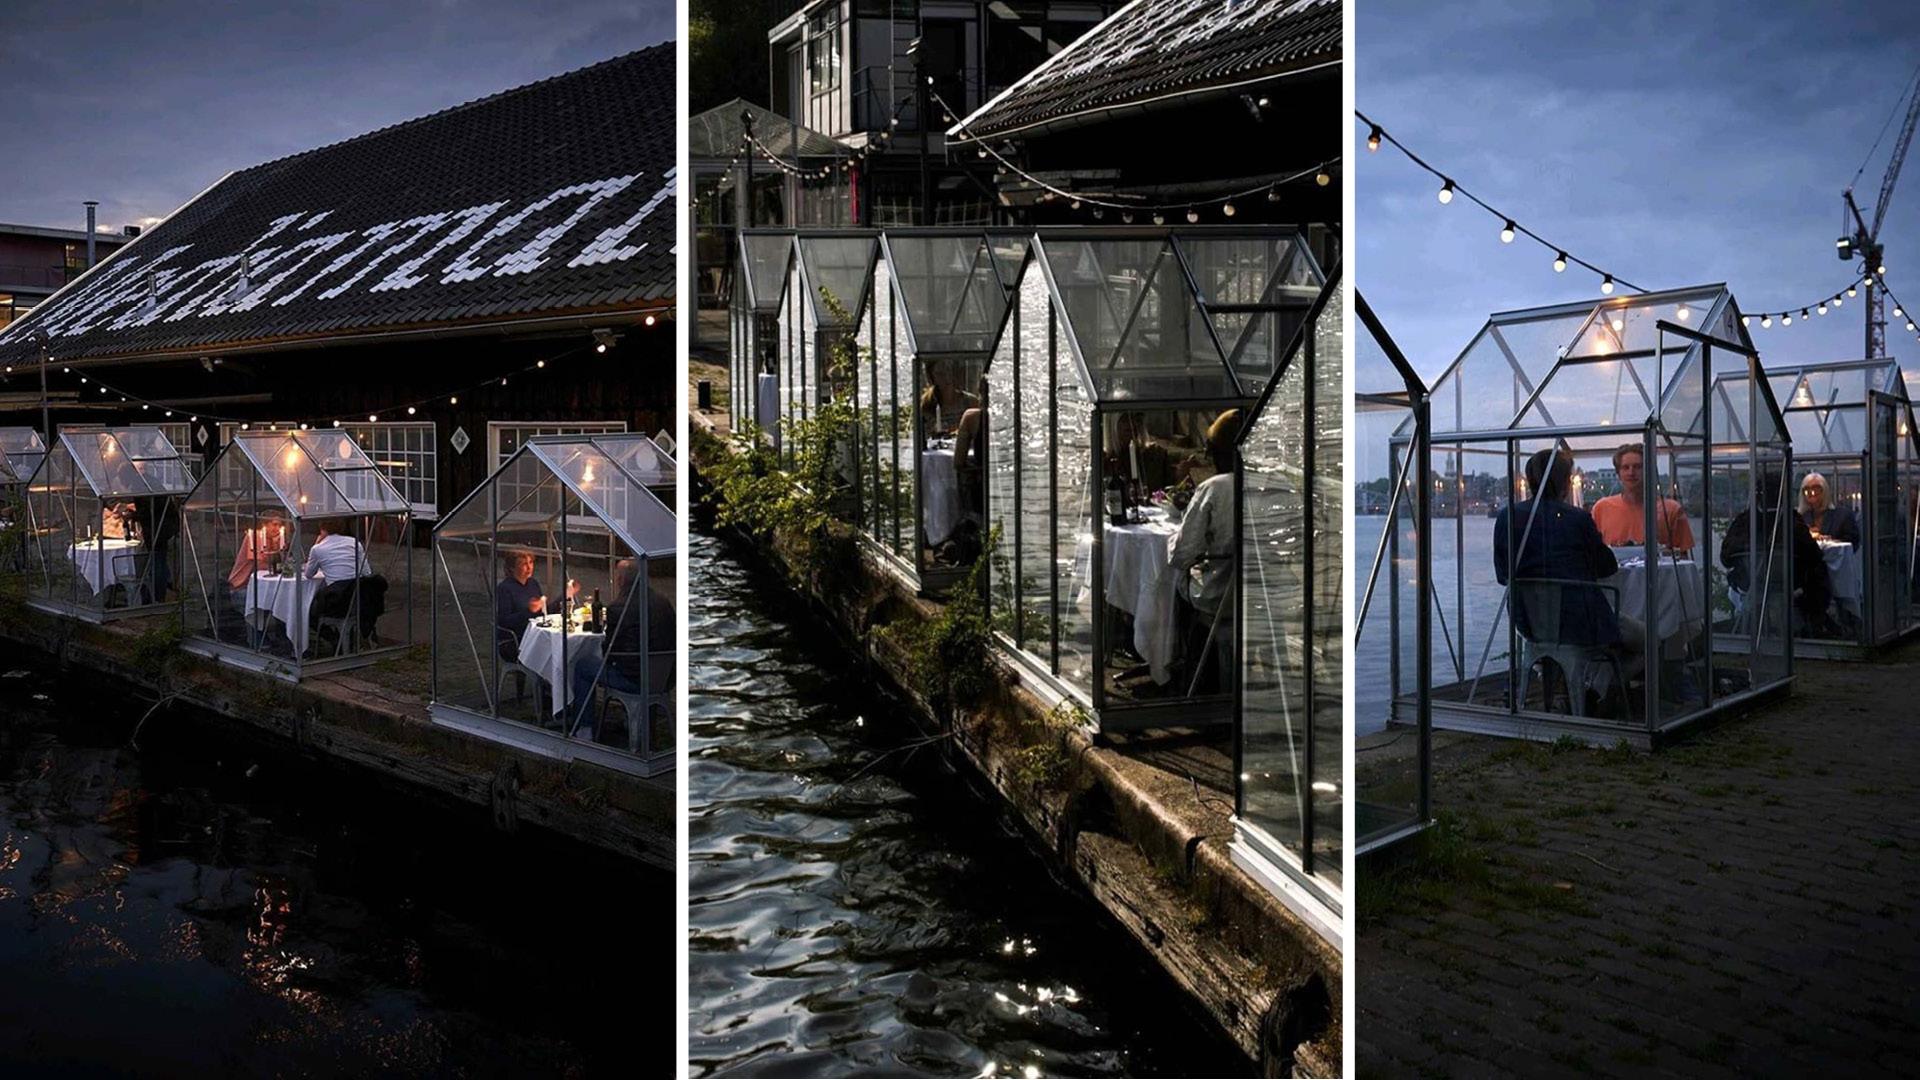 https://travelandleisureindia.in/wp-content/uploads/2020/05/Feature-image-Amsterdam-Restaurant-.jpg